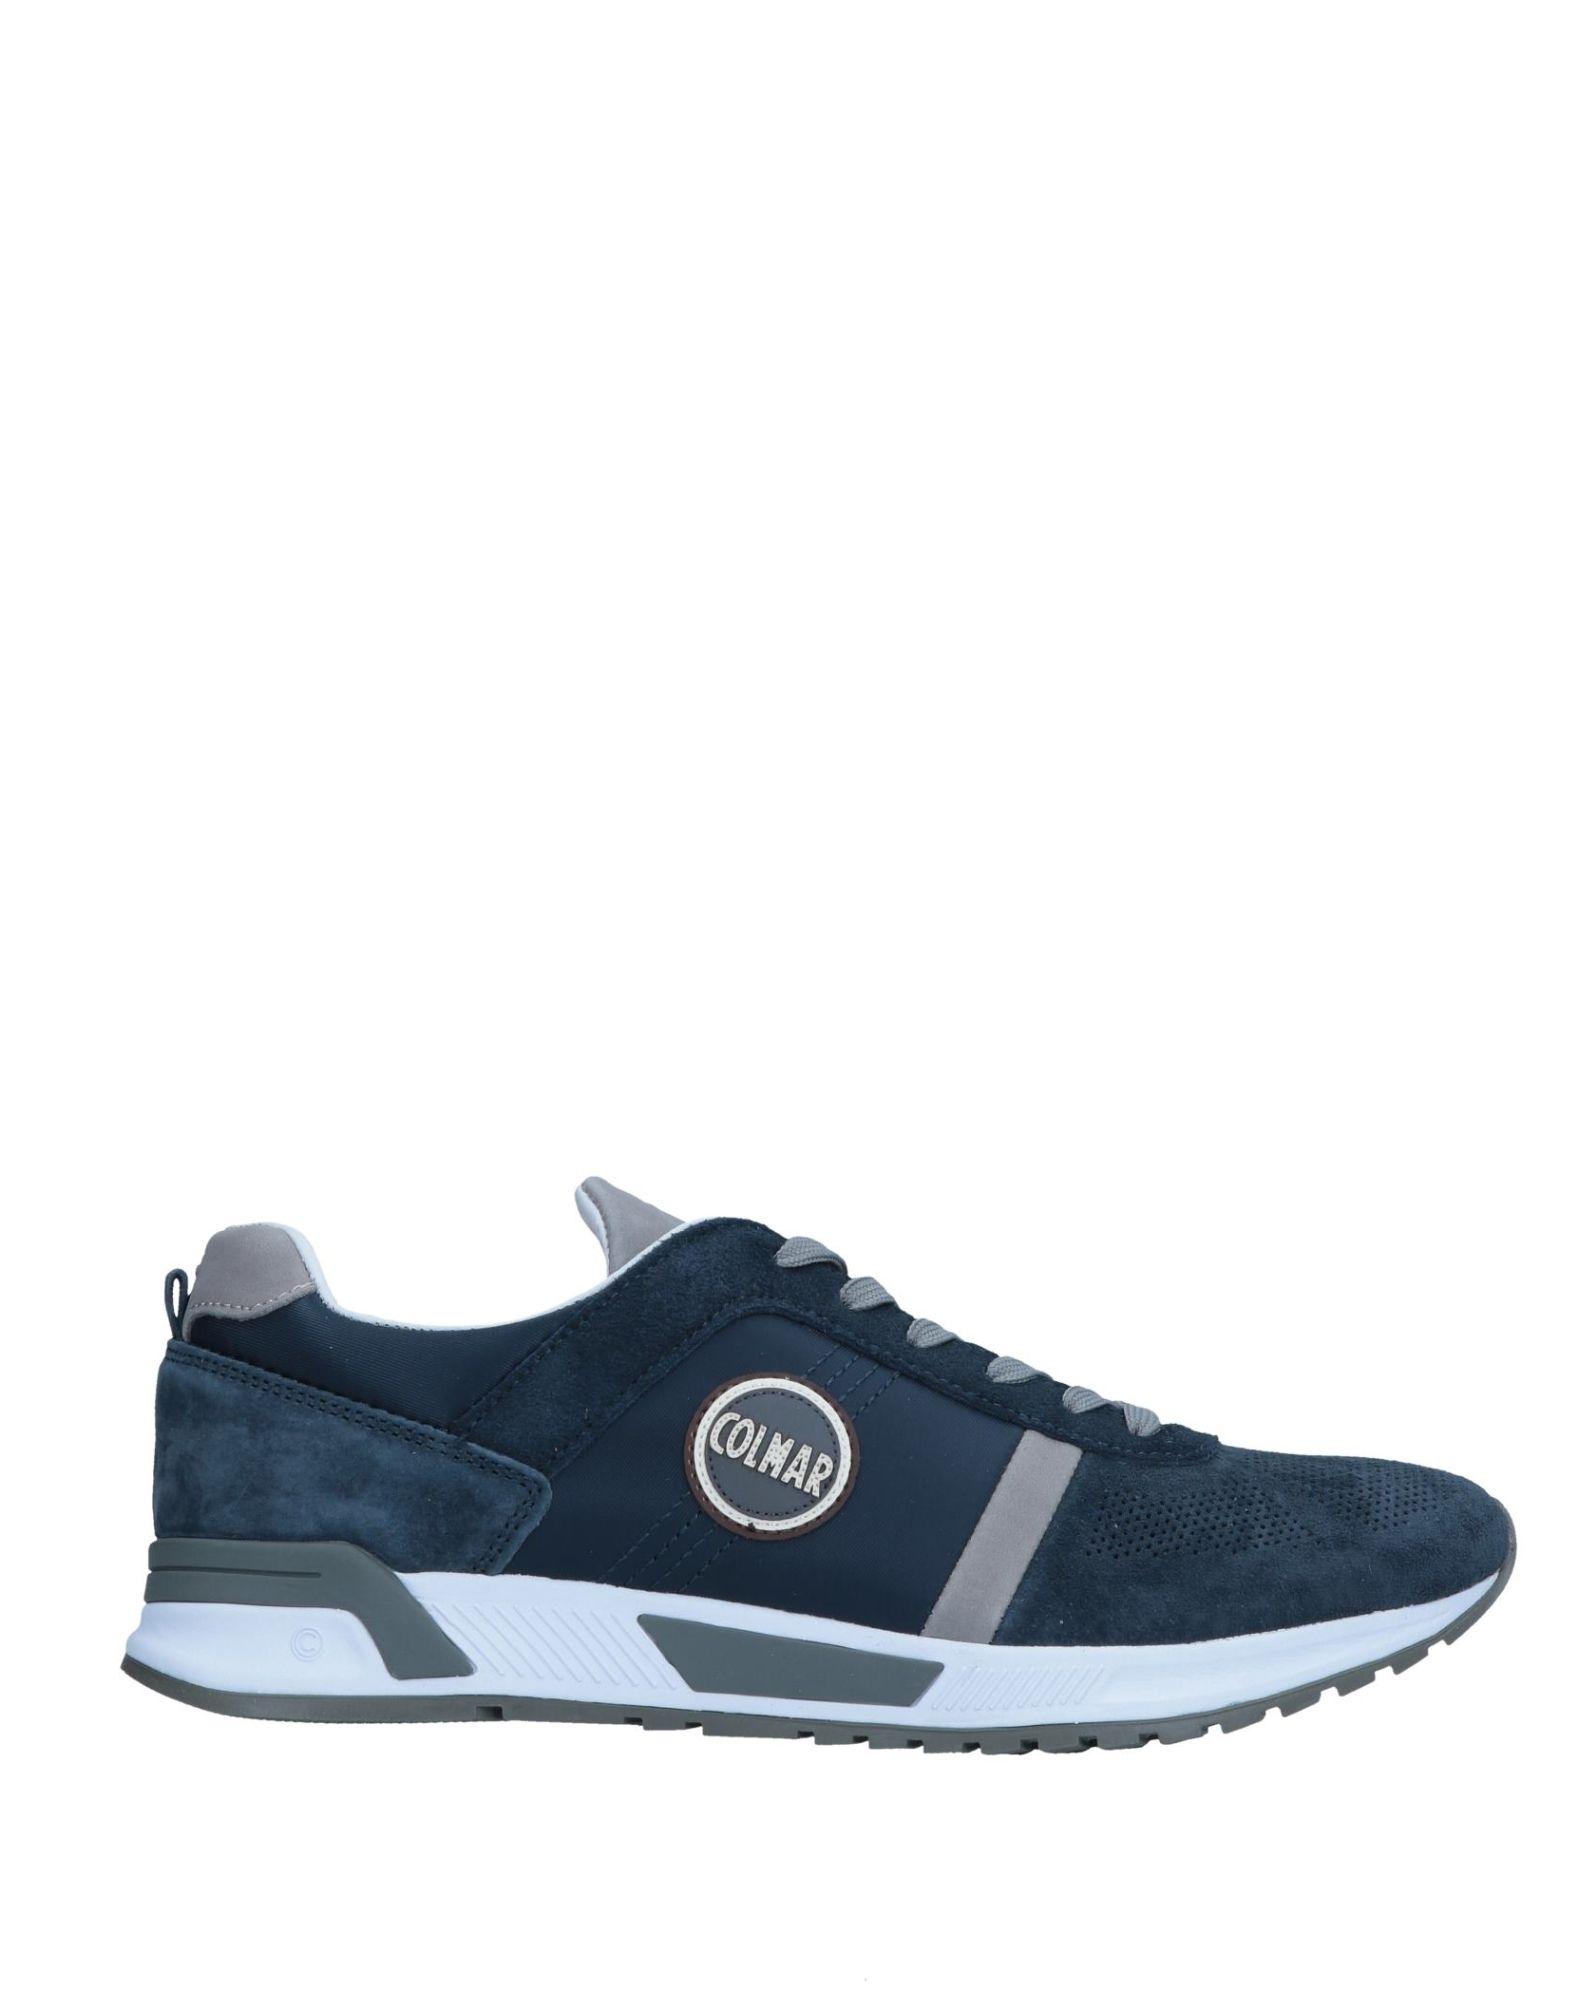 Sneakers Colmar Uomo - 11546499JM Scarpe economiche e buone